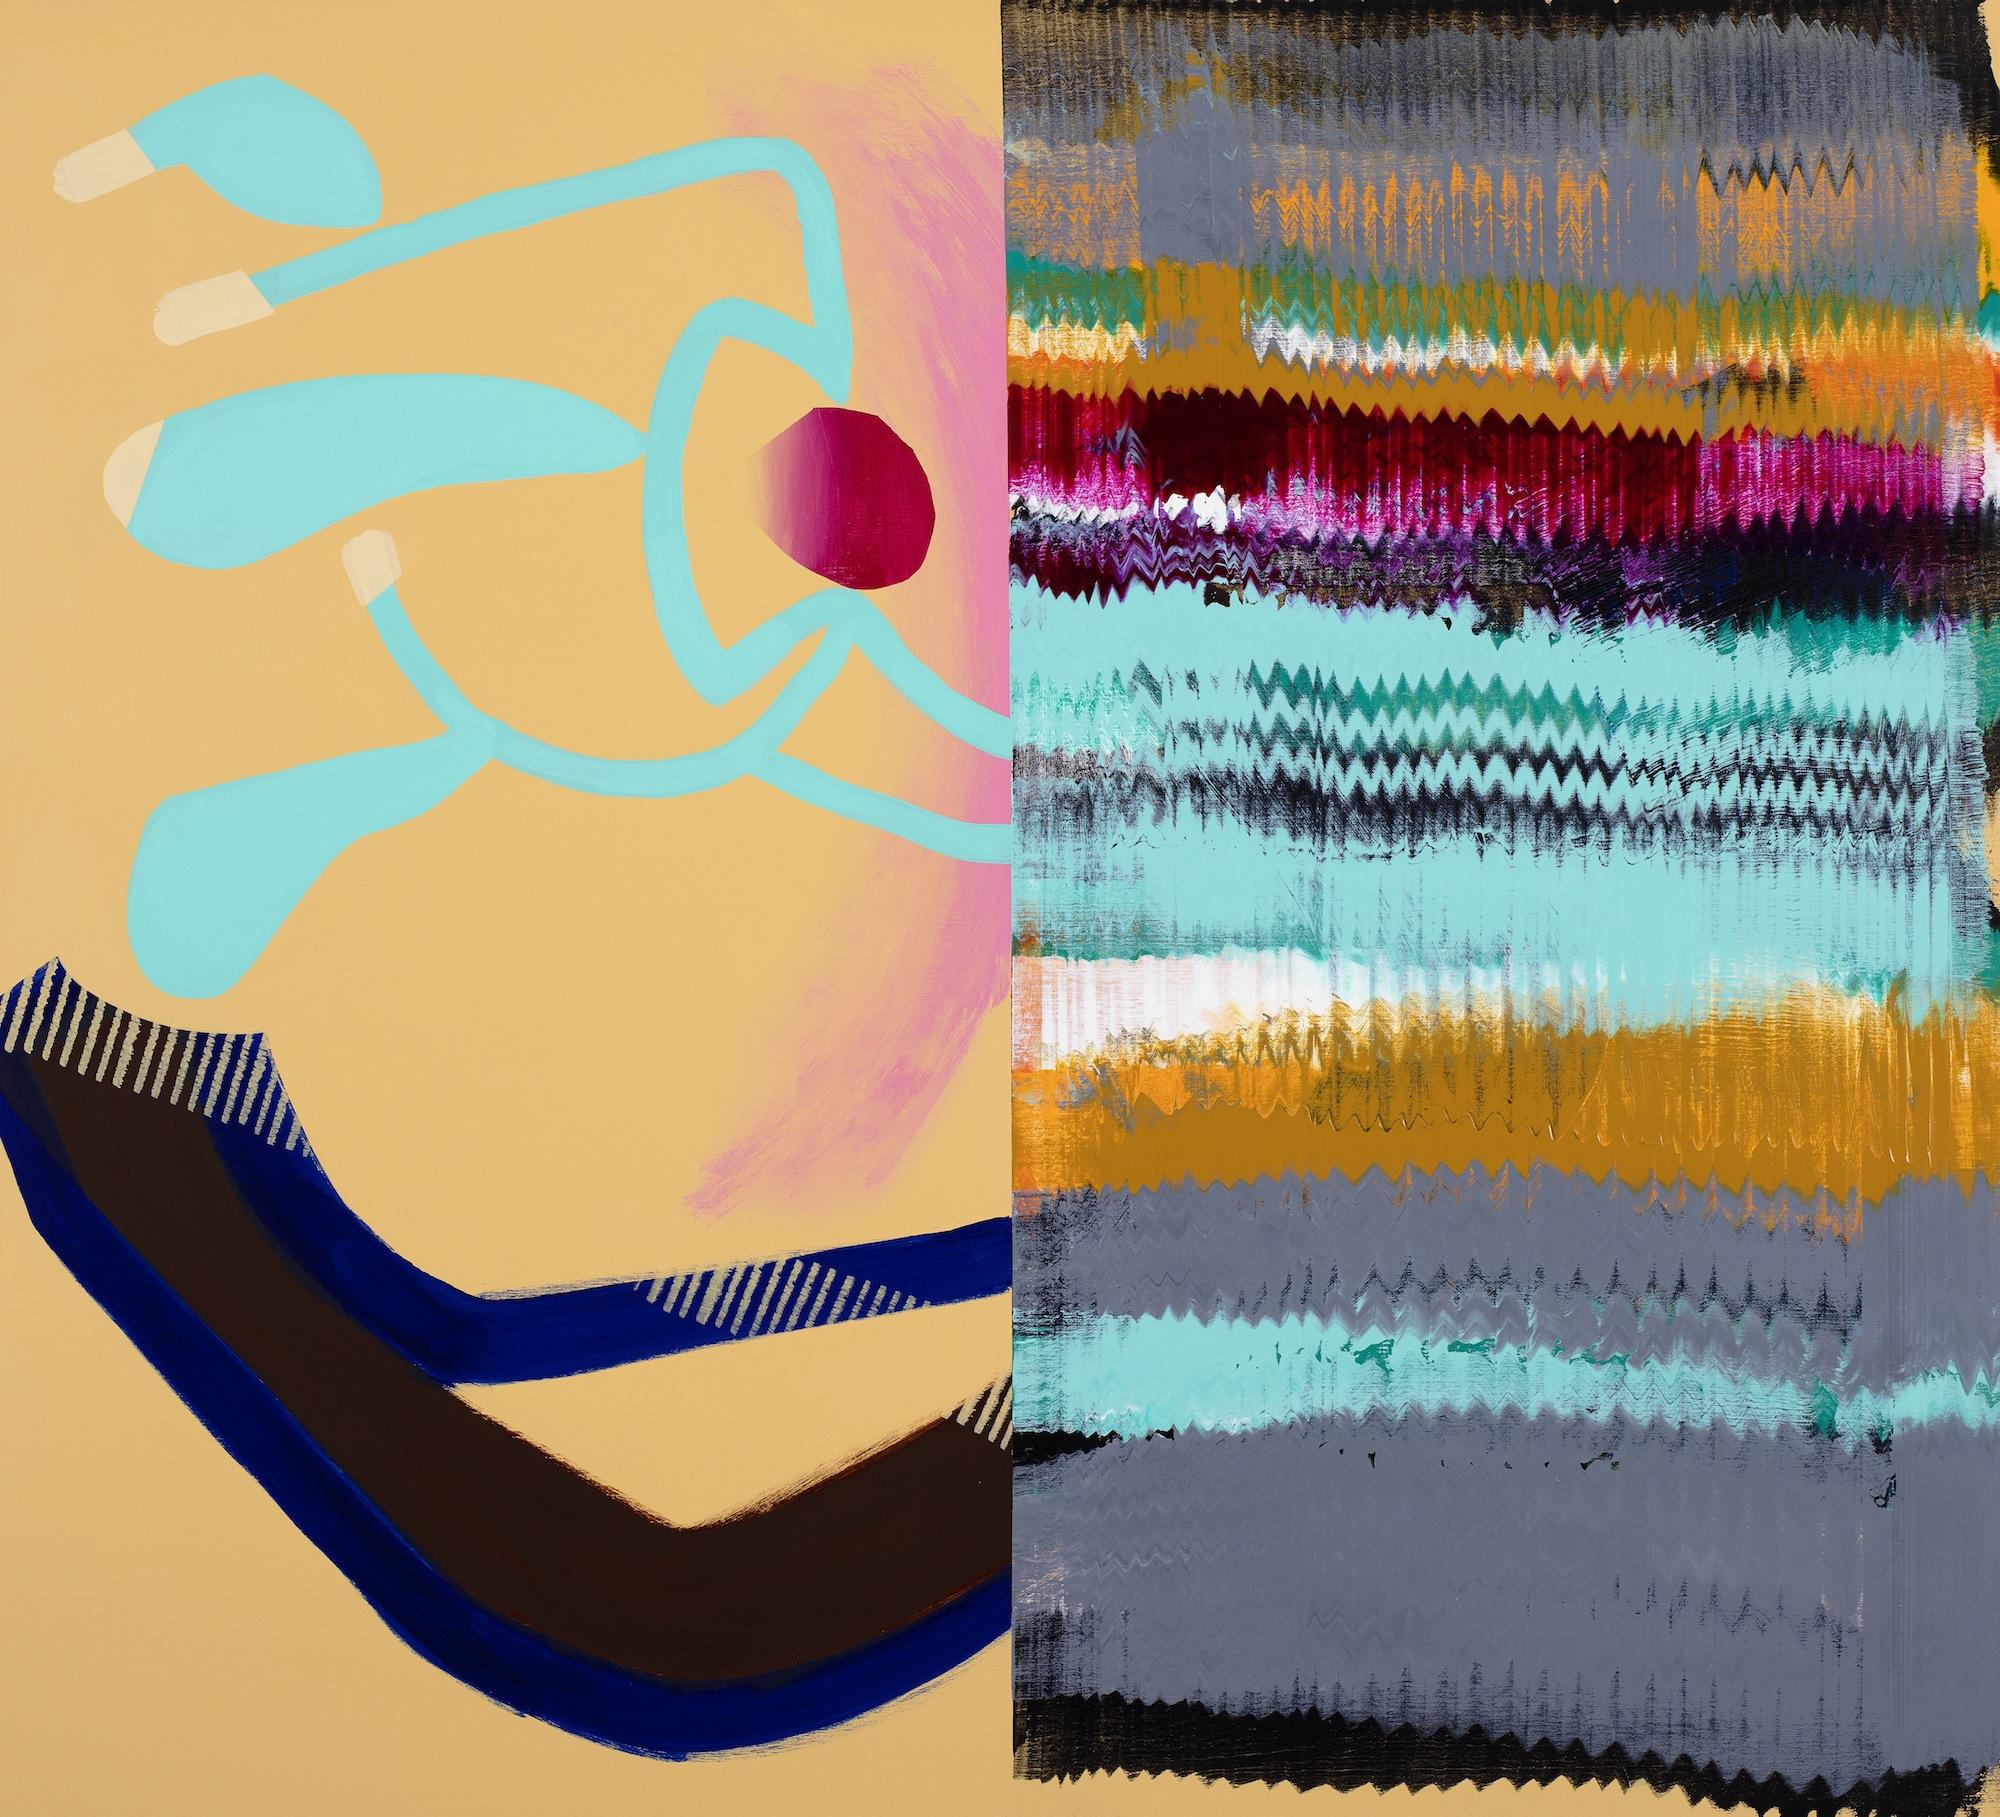 Composition 7701,  2017, Acrylic on canvas, 100 x 110 cm